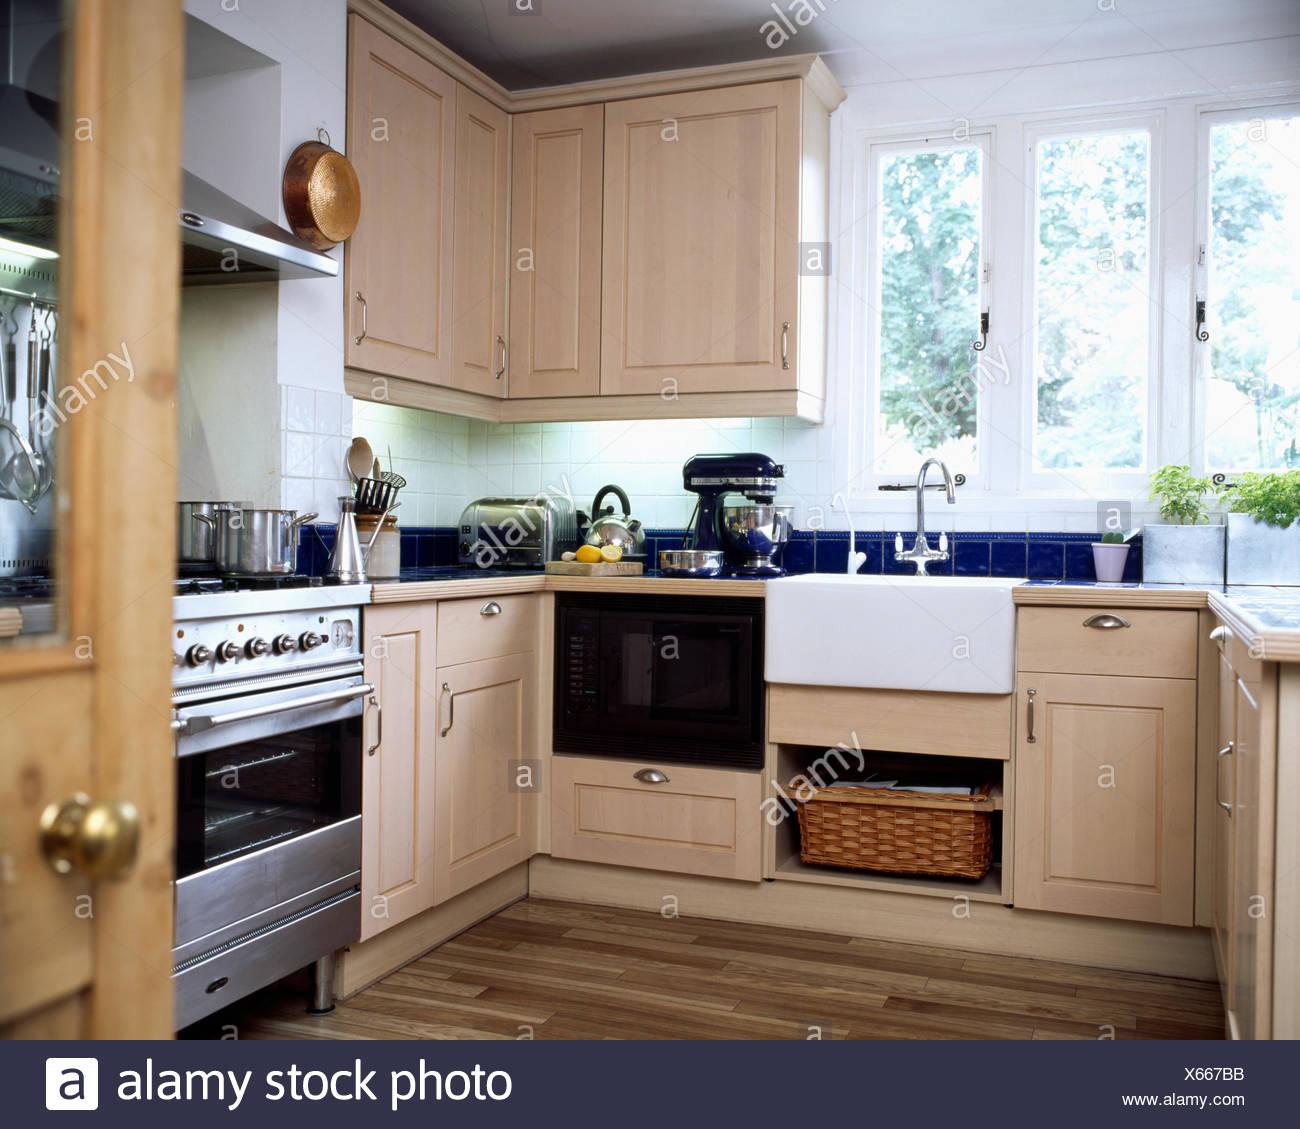 Cucine Ad Angolo Con Lavello Sotto Finestra Lavello Sotto Finestra